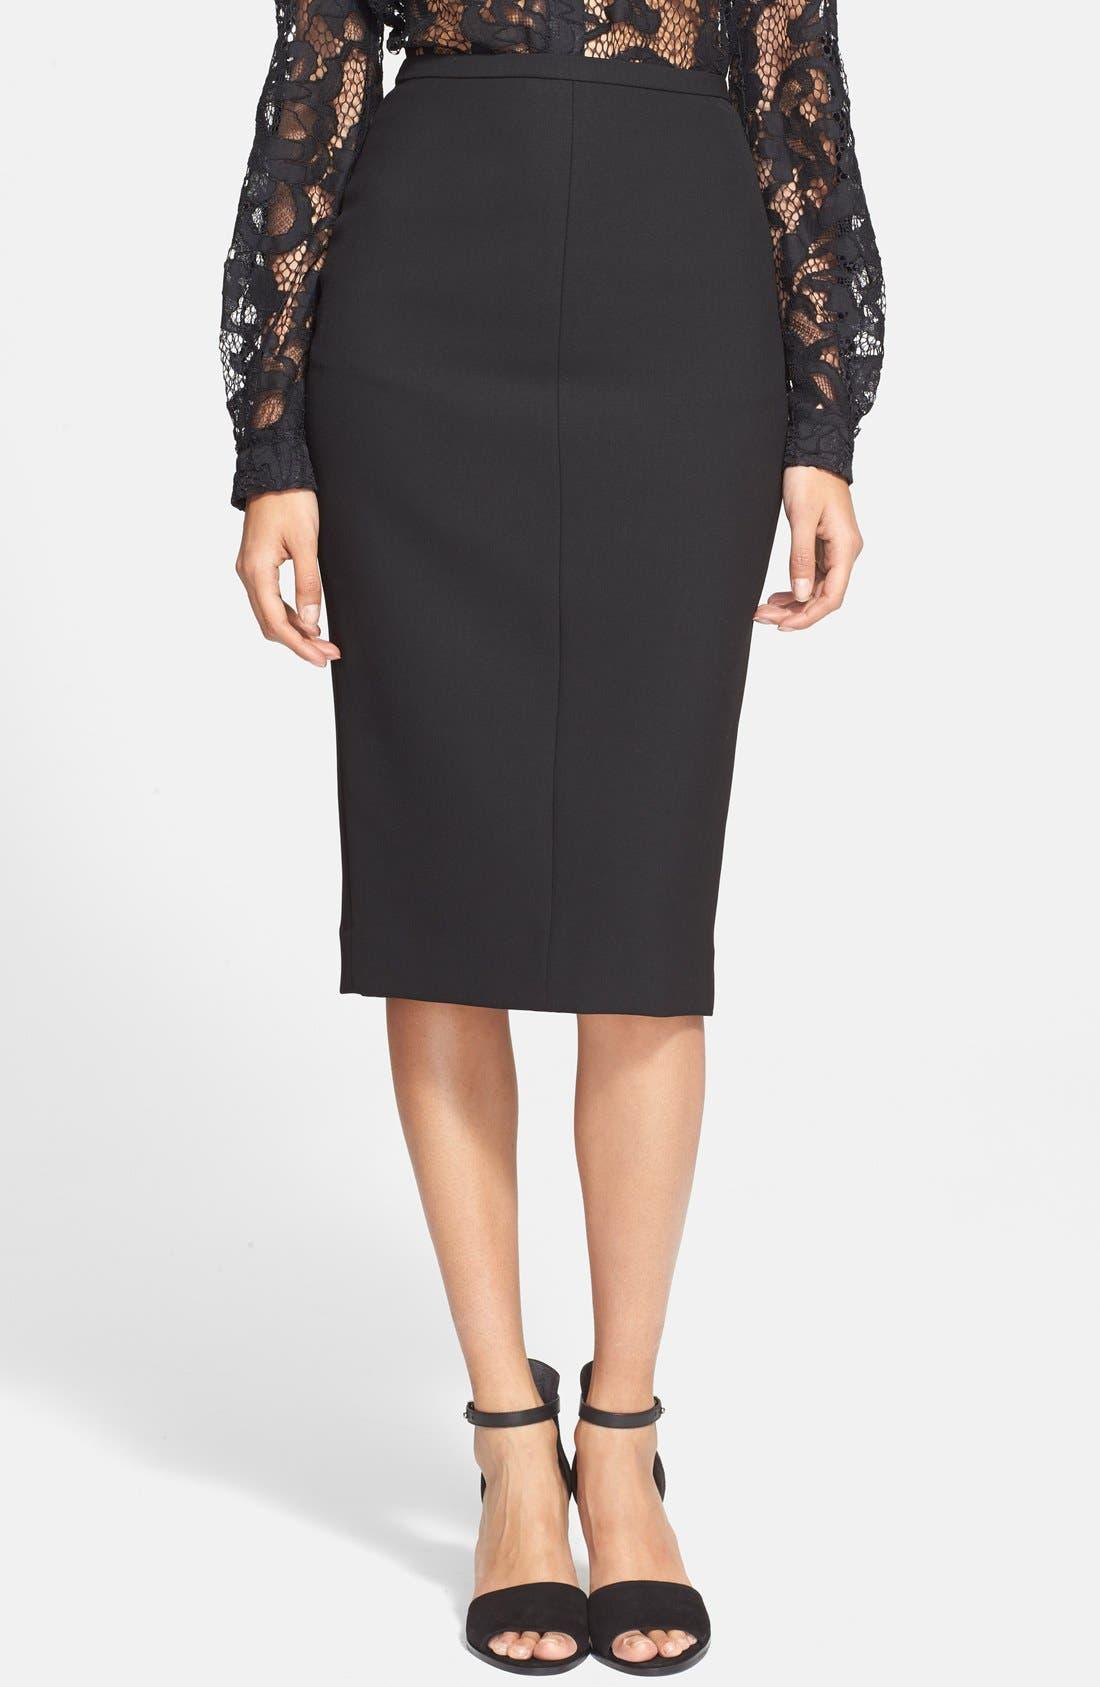 Main Image - Diane von Furstenberg 'Samara' Pencil Skirt